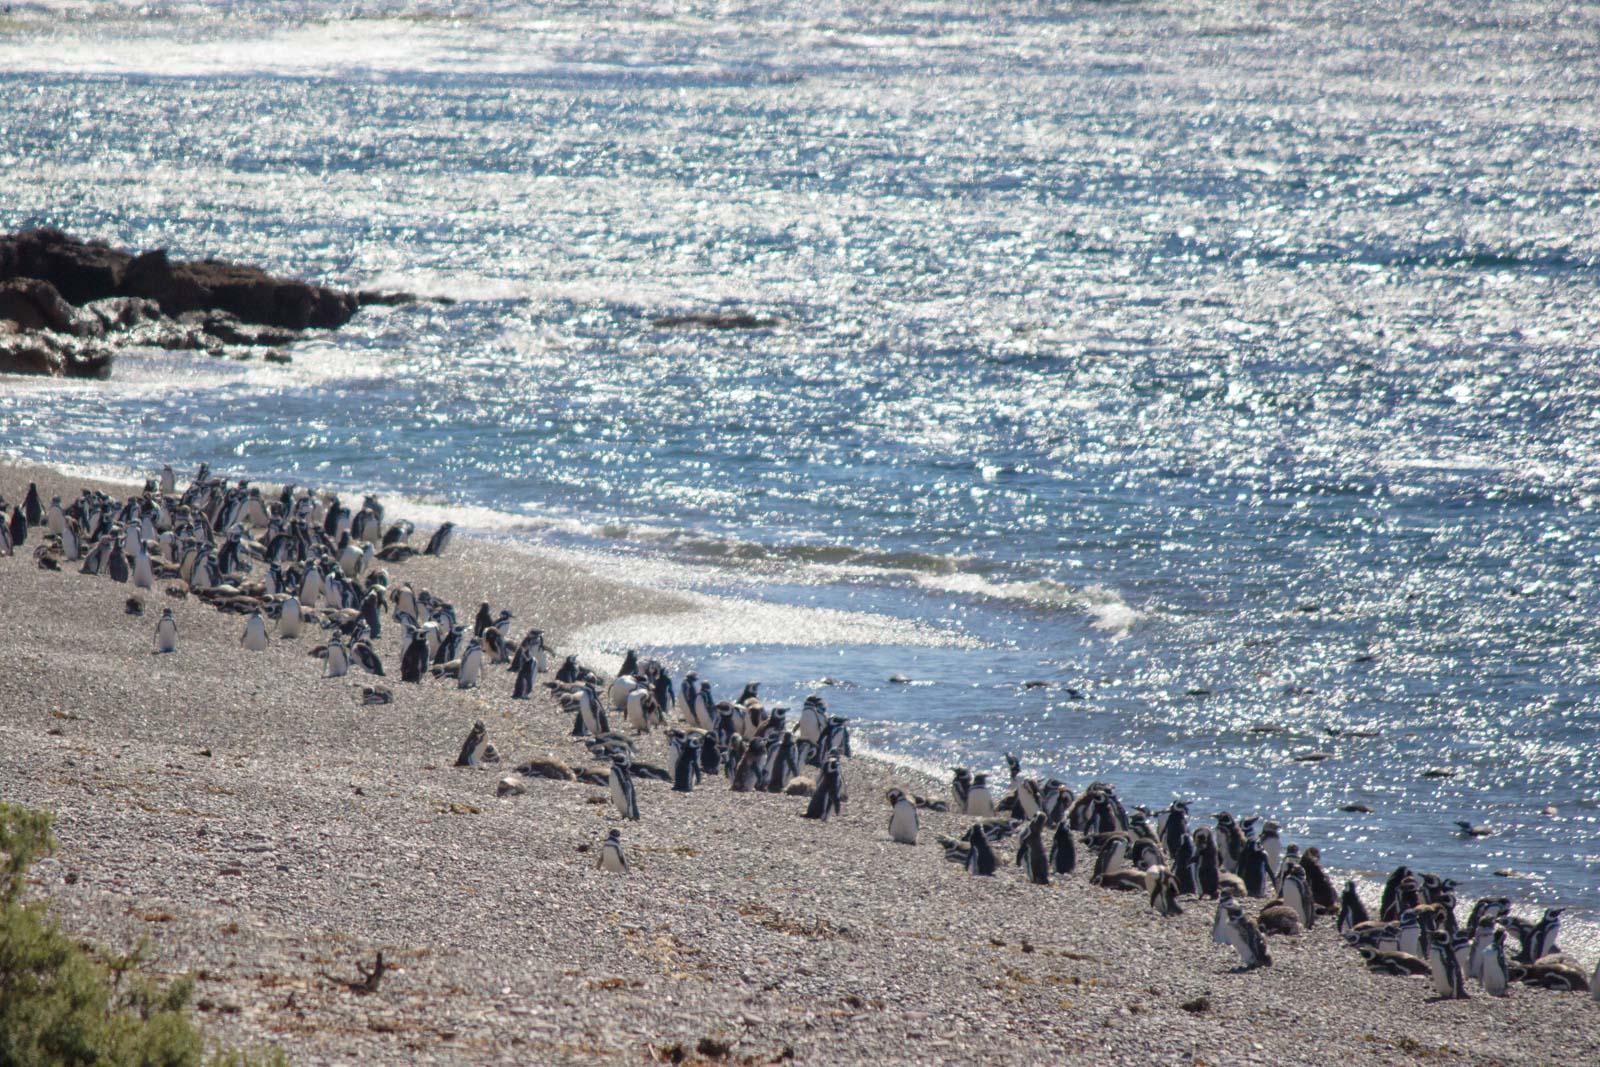 Punta Tombo, Puerto Madryn, Patagonia, Argentina